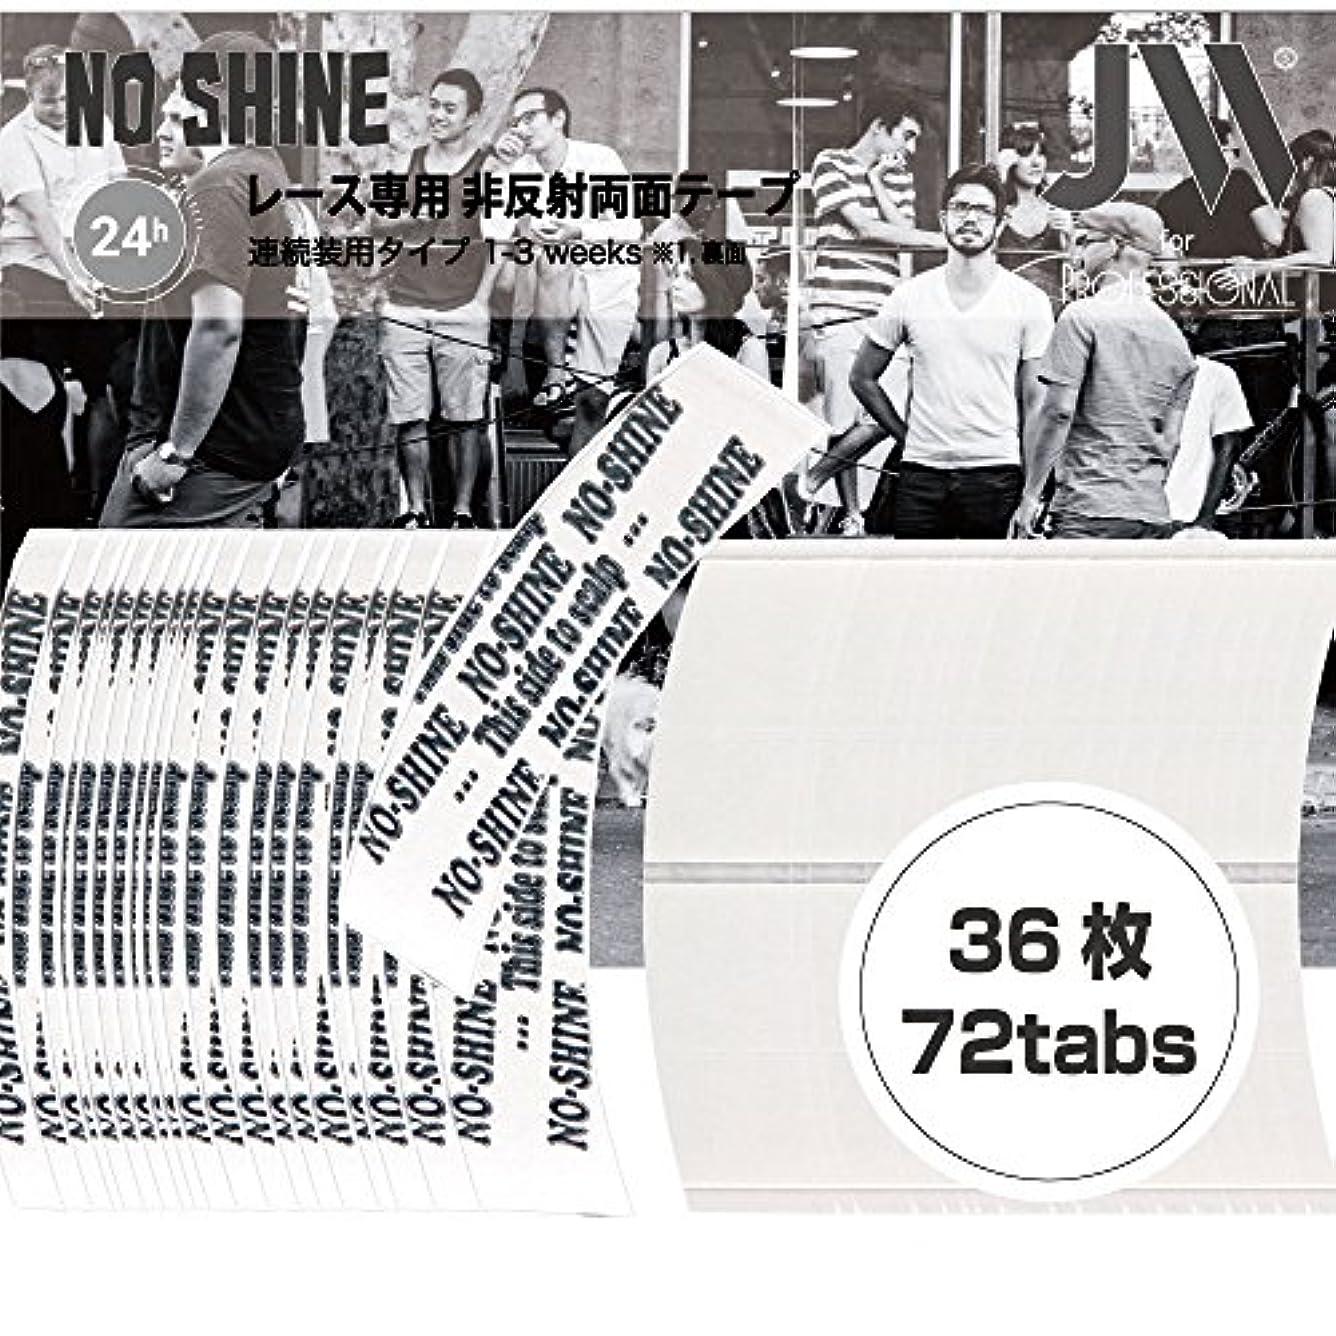 タイヤかんがい前任者強力両面テープ:No Shine TAPE1袋36枚入り(小分け72枚)テープ形状:アジアカーブ …